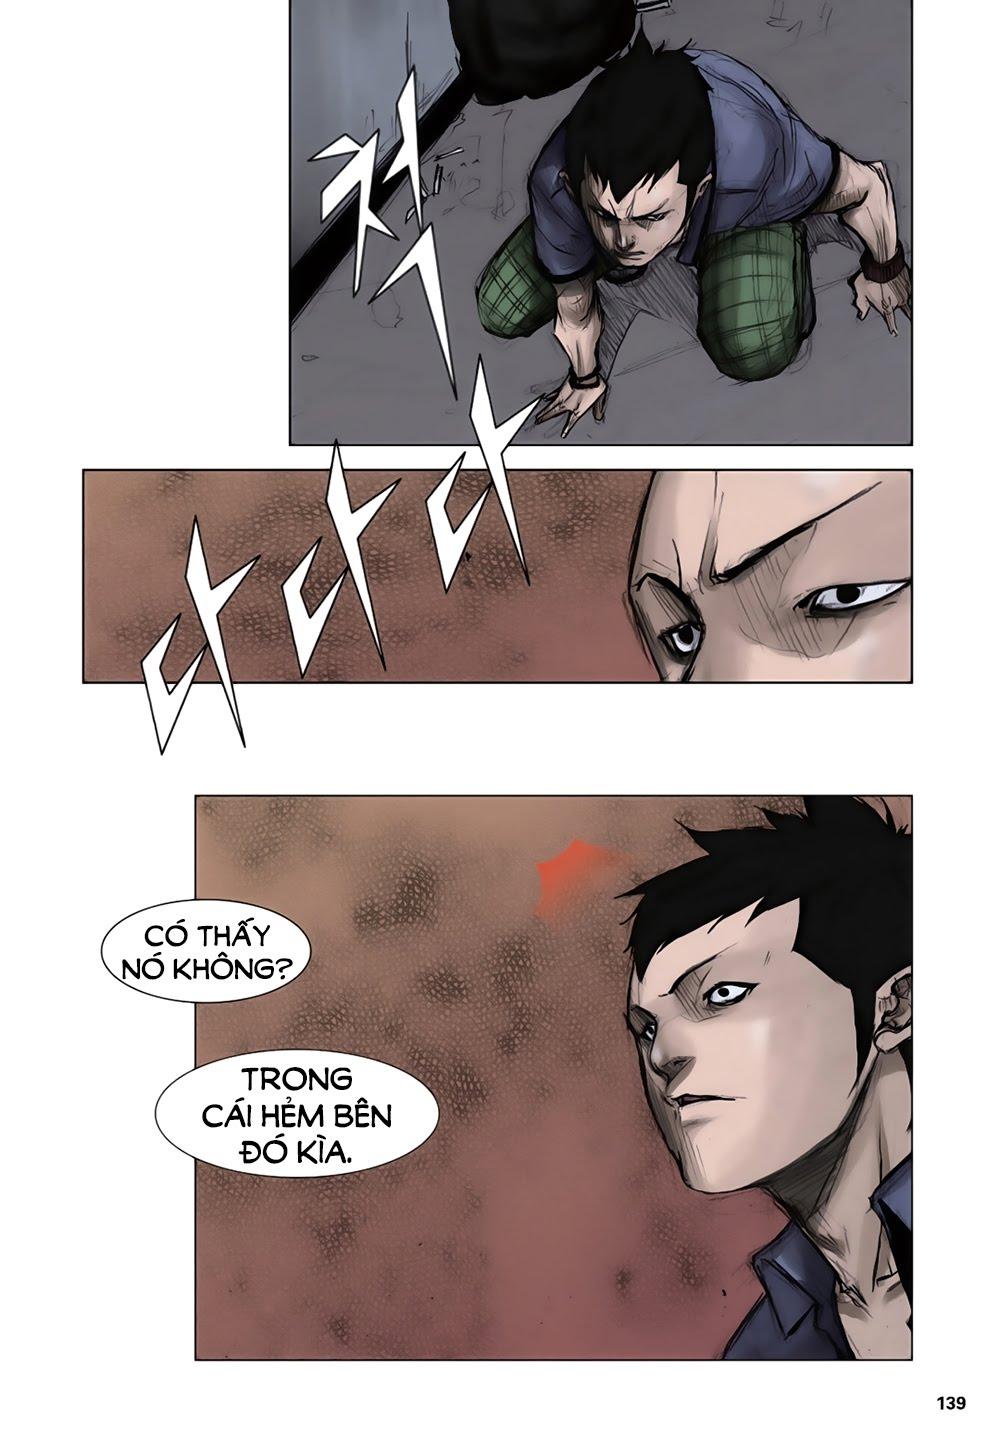 Tong phần 1-4 trang 21